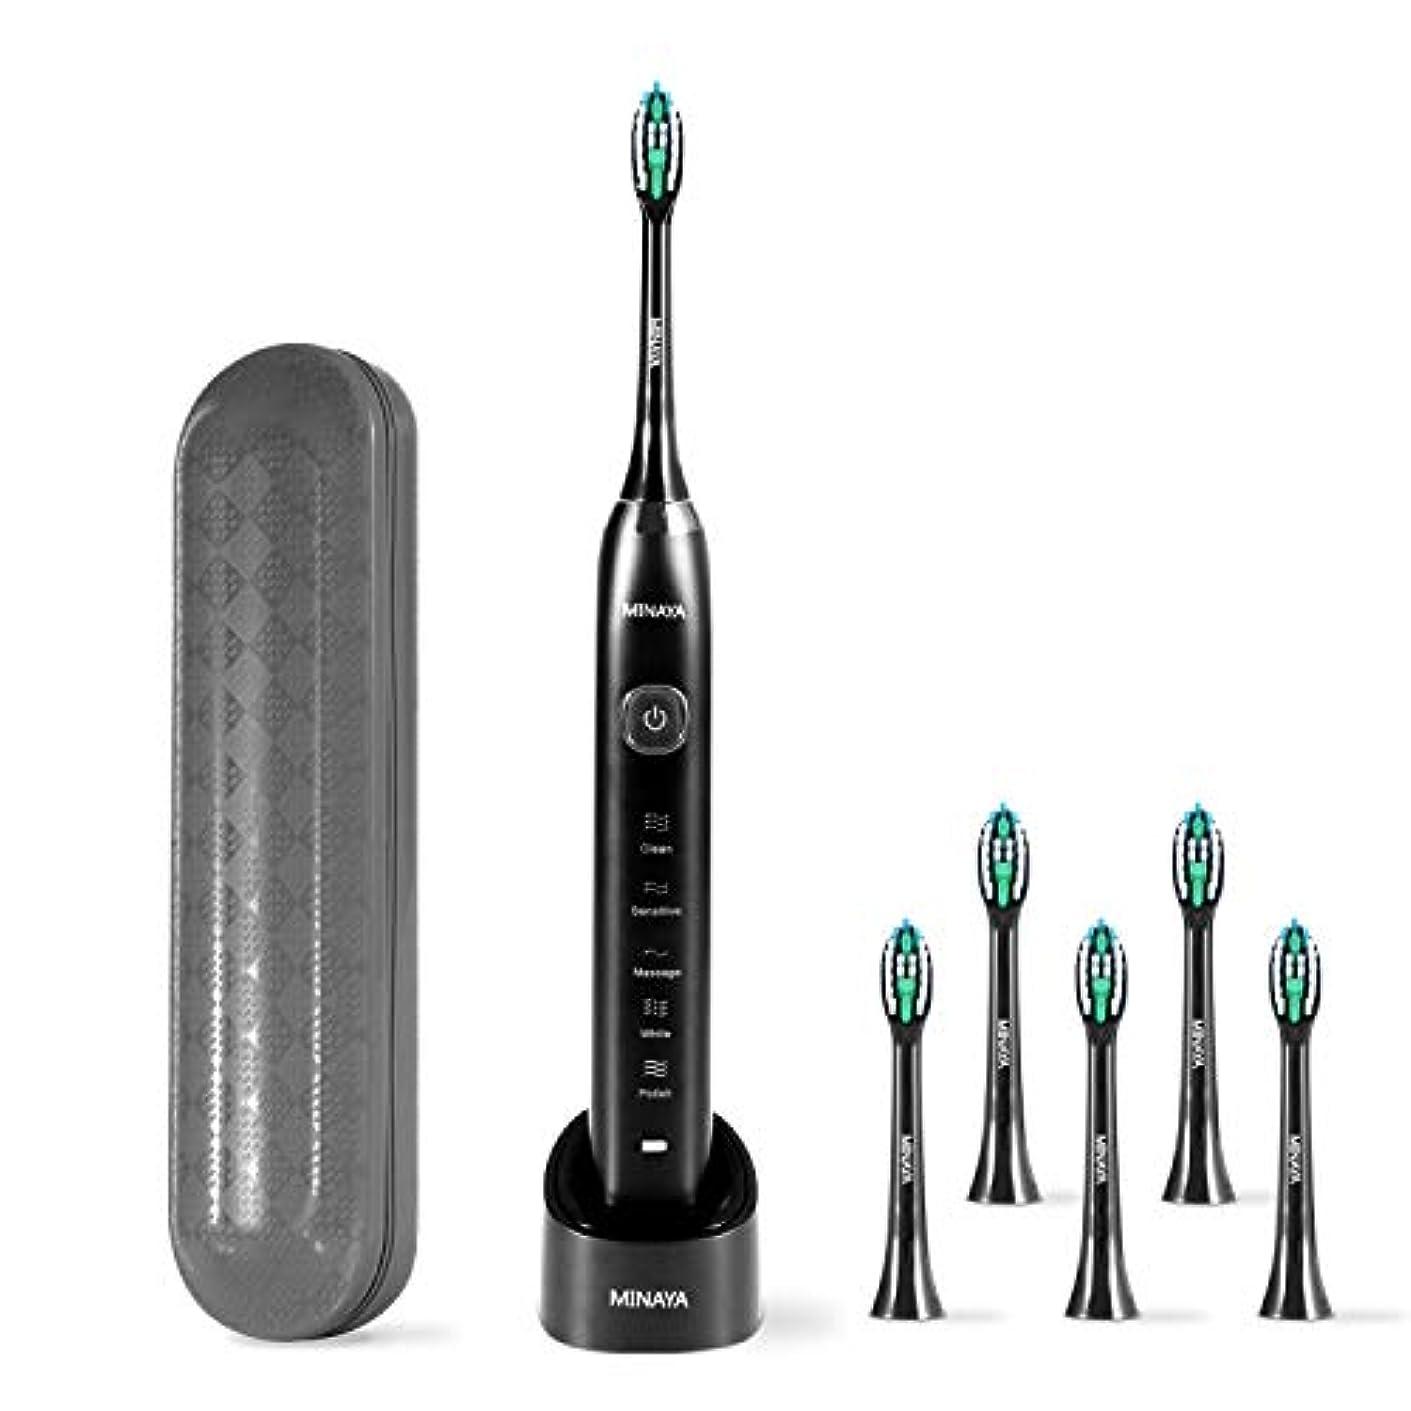 デンマーク語平和状態電動歯ブラシ 音波振動式 IPX7級防水 USB充電式 オートタイマー機能搭載 ブラッシングモード5つ MINAYA 収納ケース 旅行用便利 替えブラシ5本 ブラック